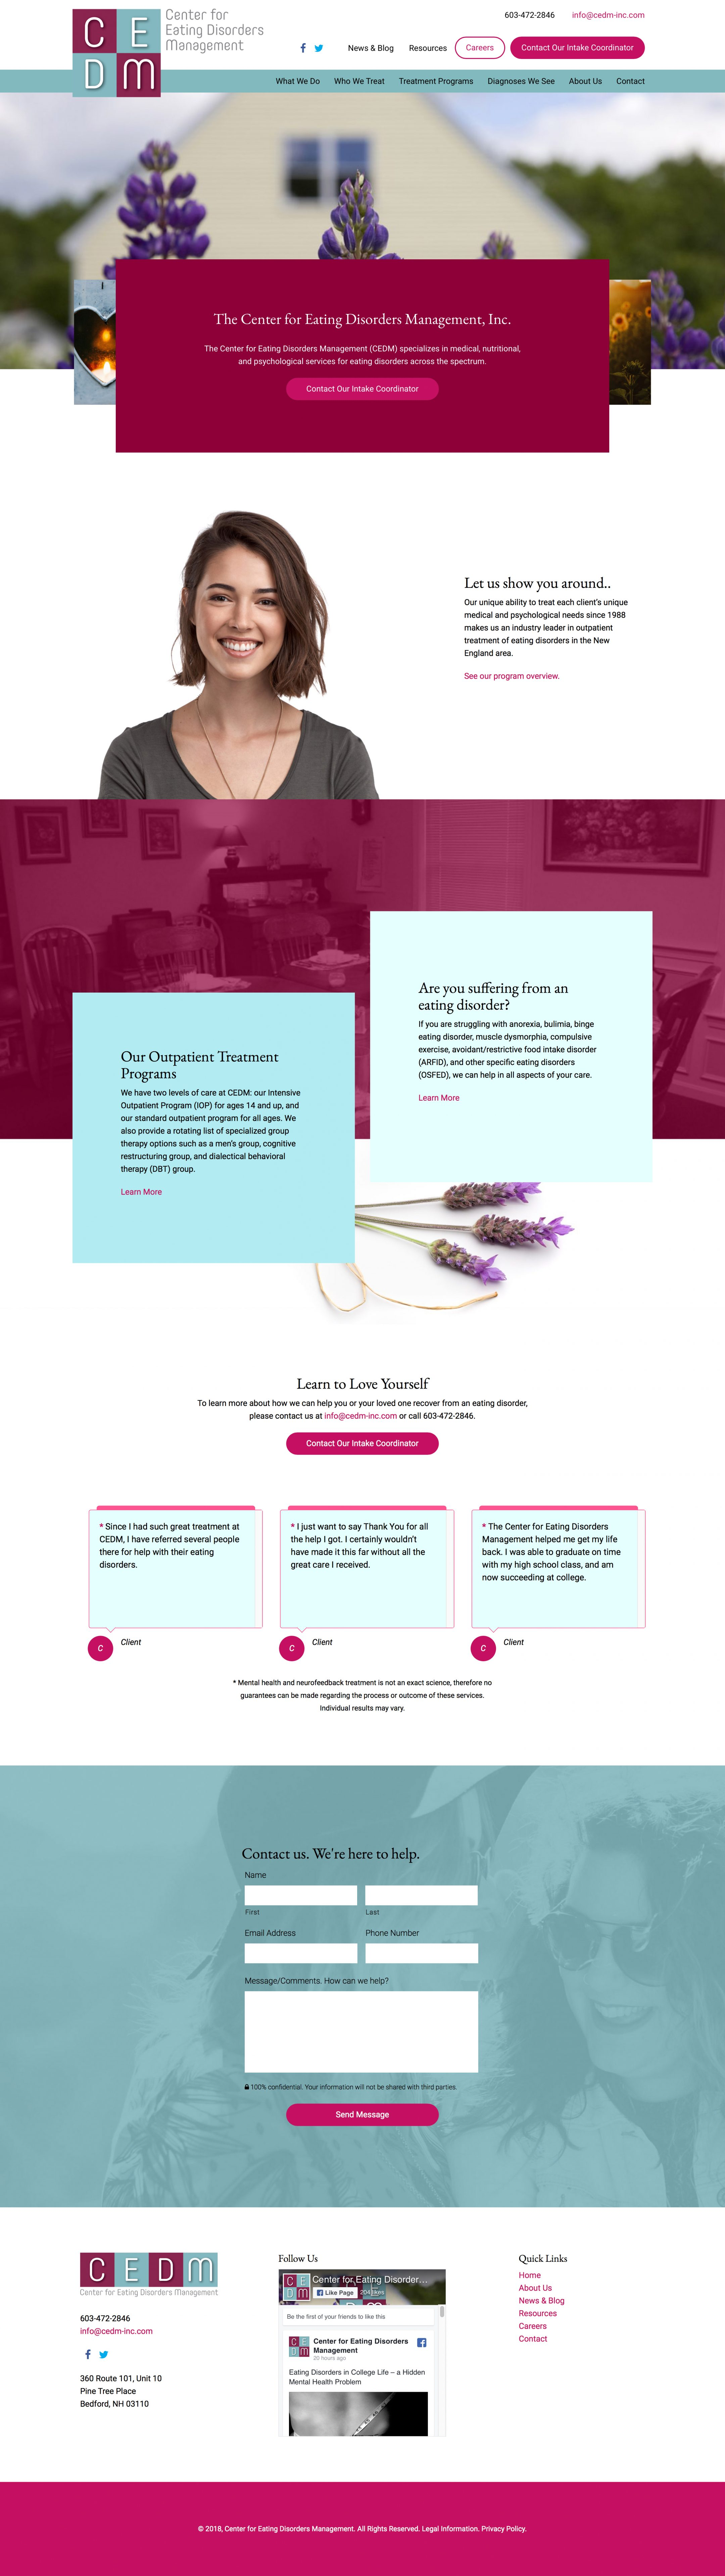 cedm-inc.com home page